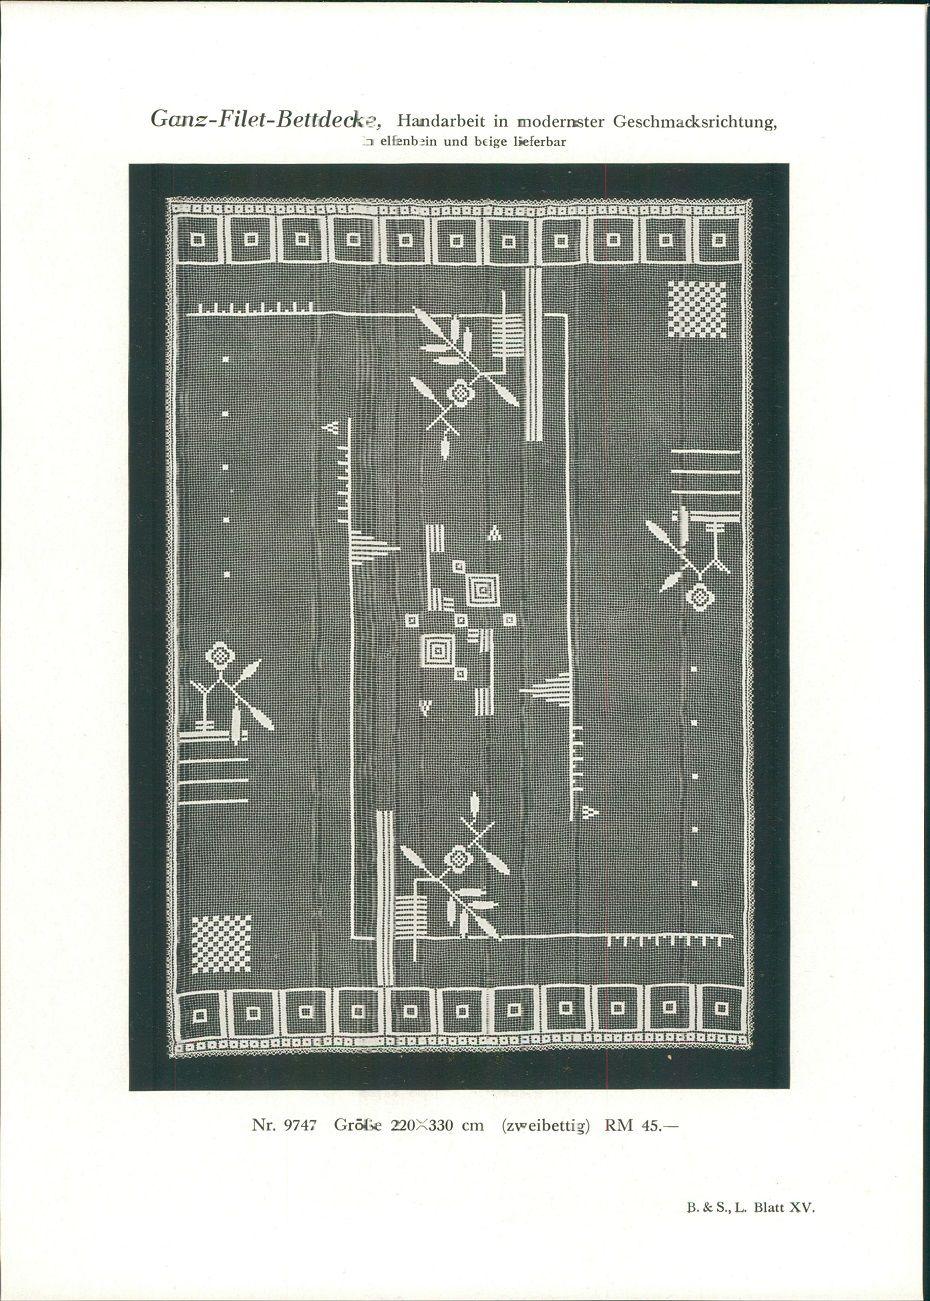 1928 - Druck nach Photographie: Ganz-Filet-Bettdecke, Handarbeit in modernster Geschmacksrichtung. In elfenbein und beige lieferbar. Nr. 9747: Größe 220x330 cm (zweibettig) RM 45.- B. & S. L. Blatt XV.